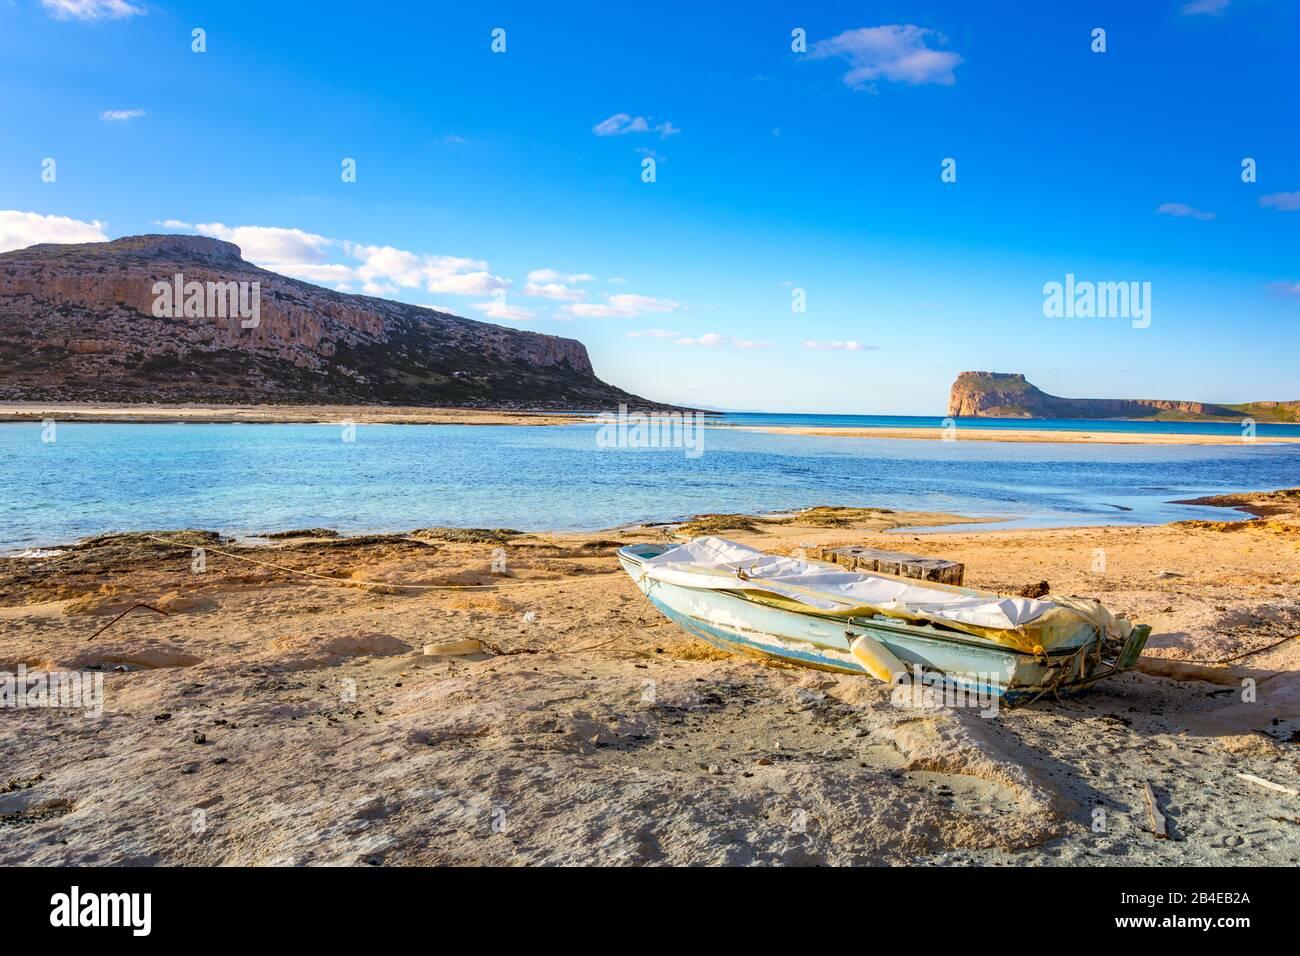 Tolle Aussicht auf die Lagune von Balos mit magischen türkisfarbene Wasser, Lagunen, tropische Strände mit weißem Sand und Insel Gramvousa auf Kreta, Griechenland Stockfoto